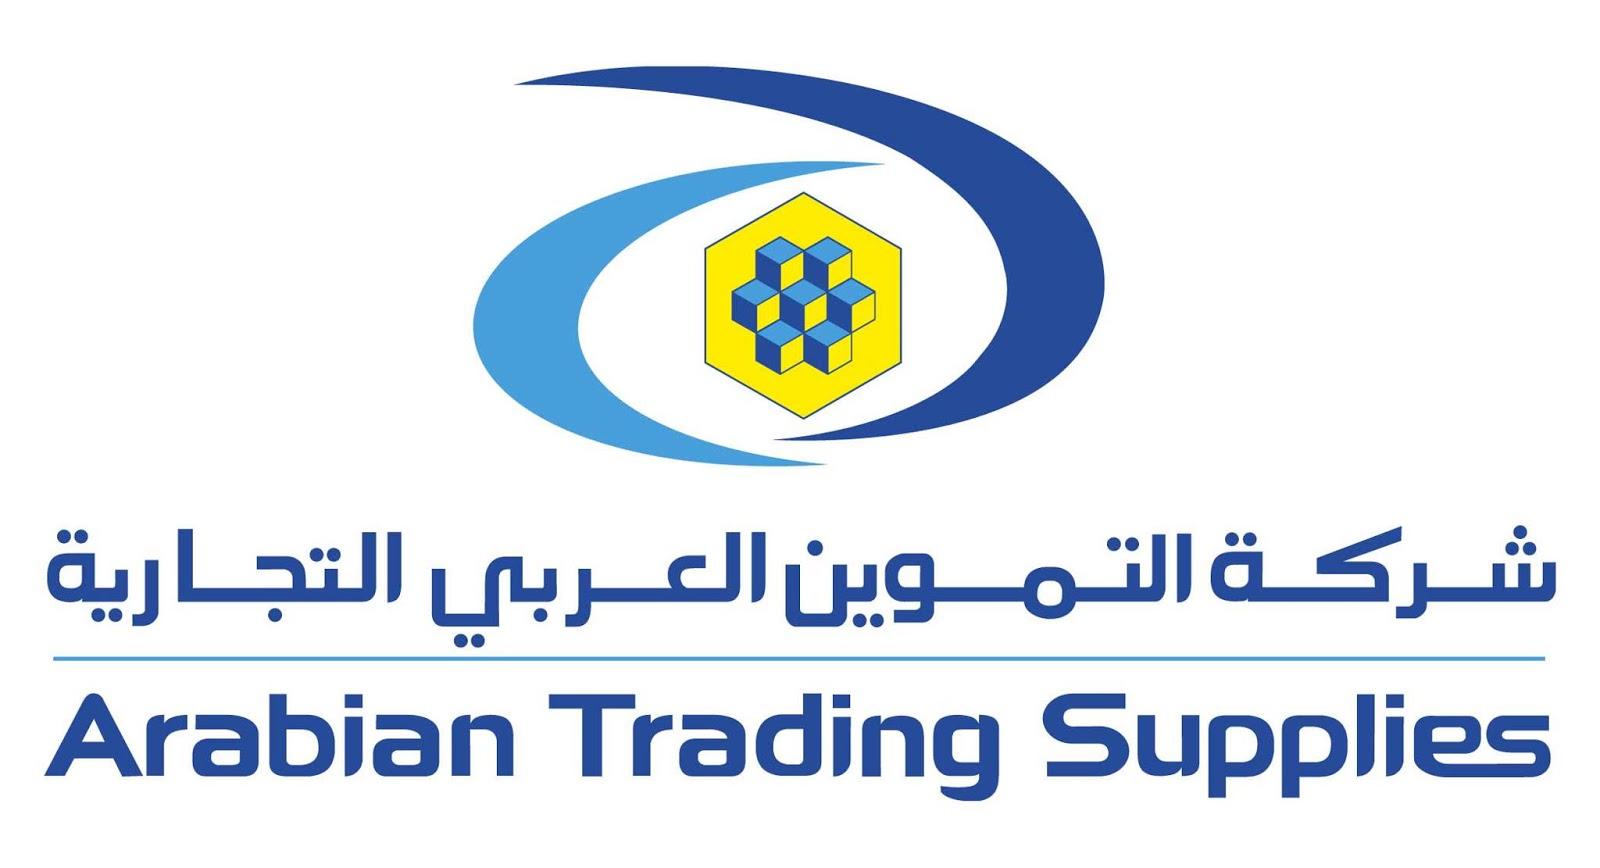 وظائف خالية فى شركة التموين العربي للأطعمة فى السعودية 2018